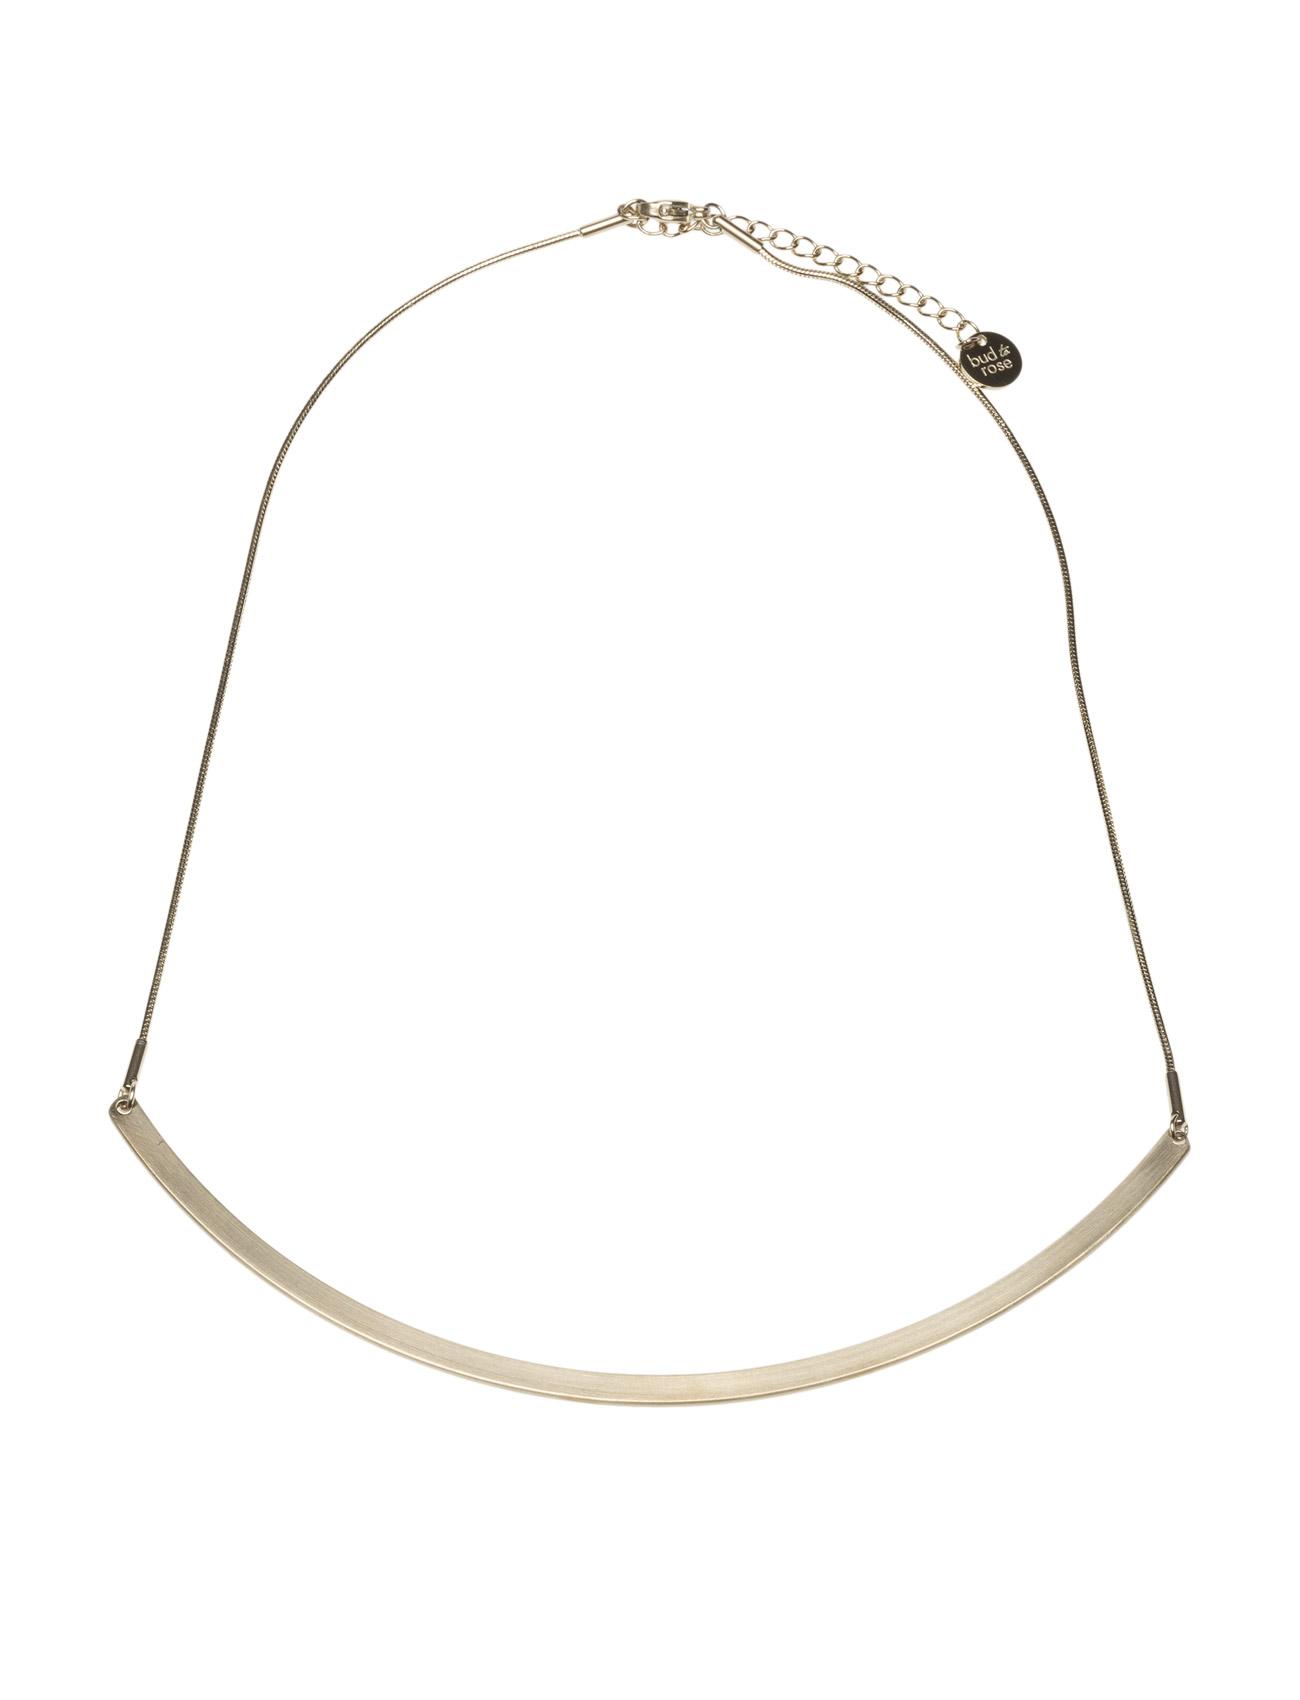 c42f45b2db4 Chain Mini Hoop Julie Sandlau Smykker til Damer i Sølv ...